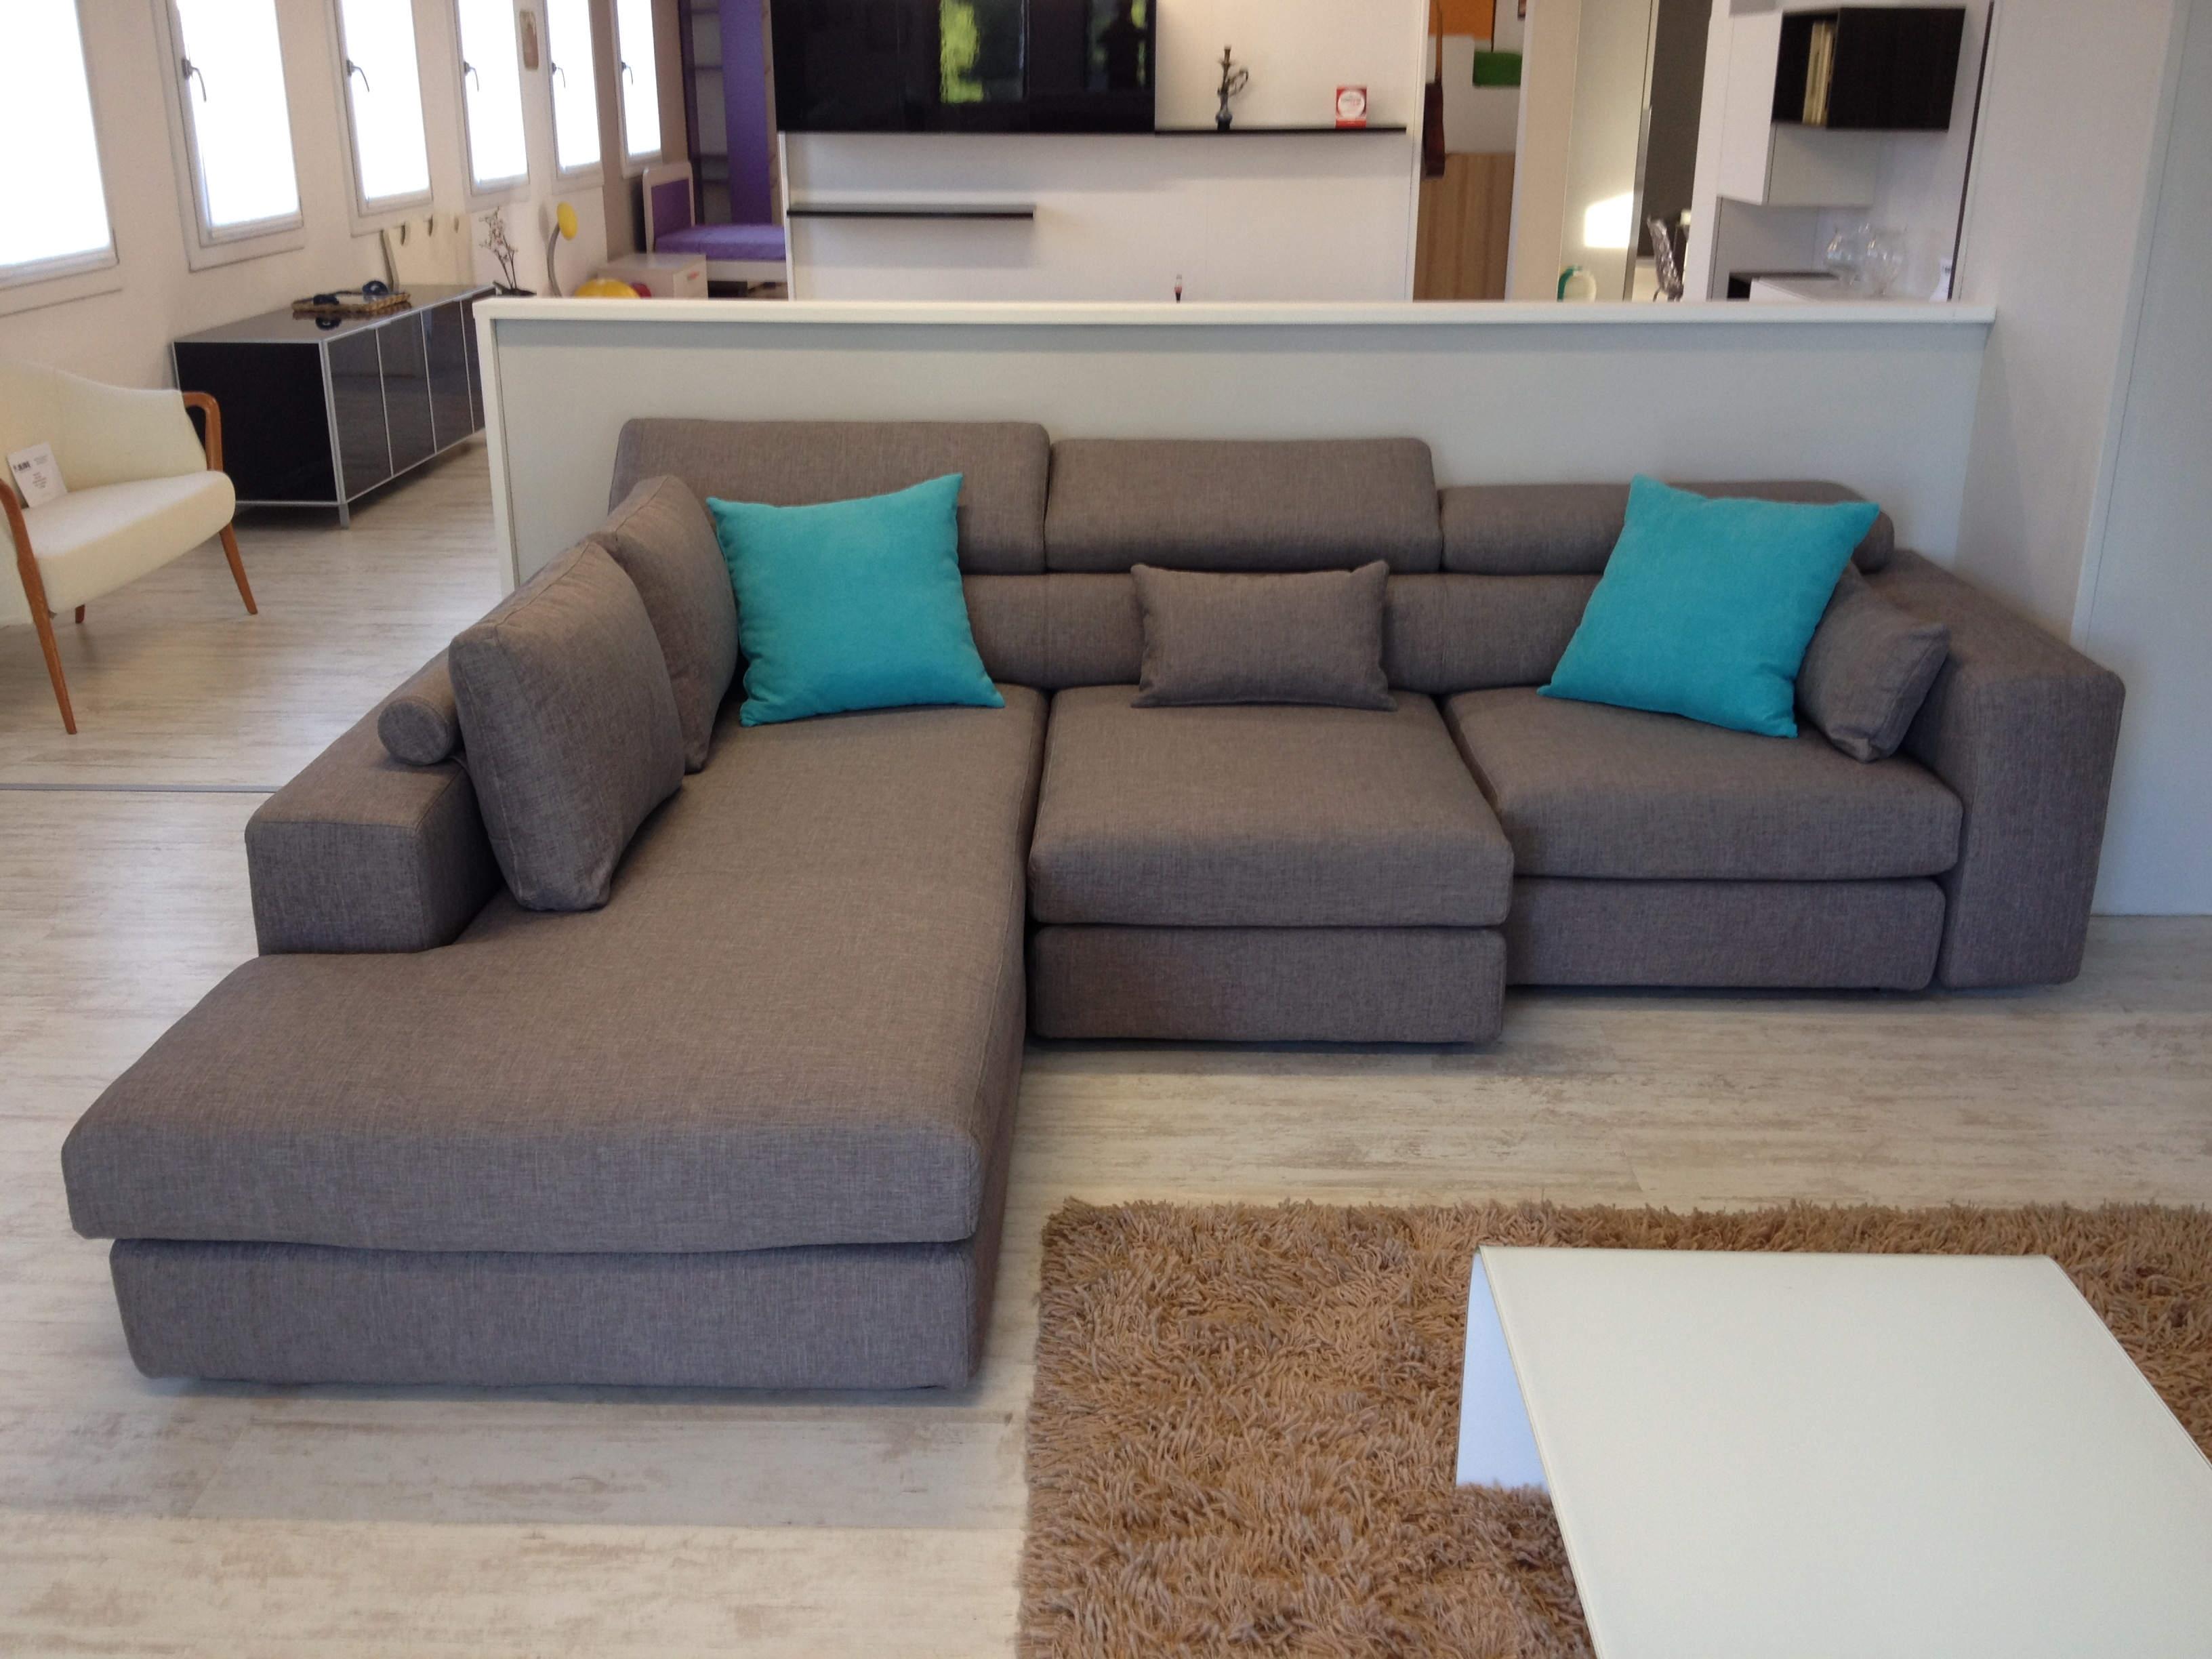 Divano lecomfort 3 posti con chaise longue tessuto 23 for Le comfort divani